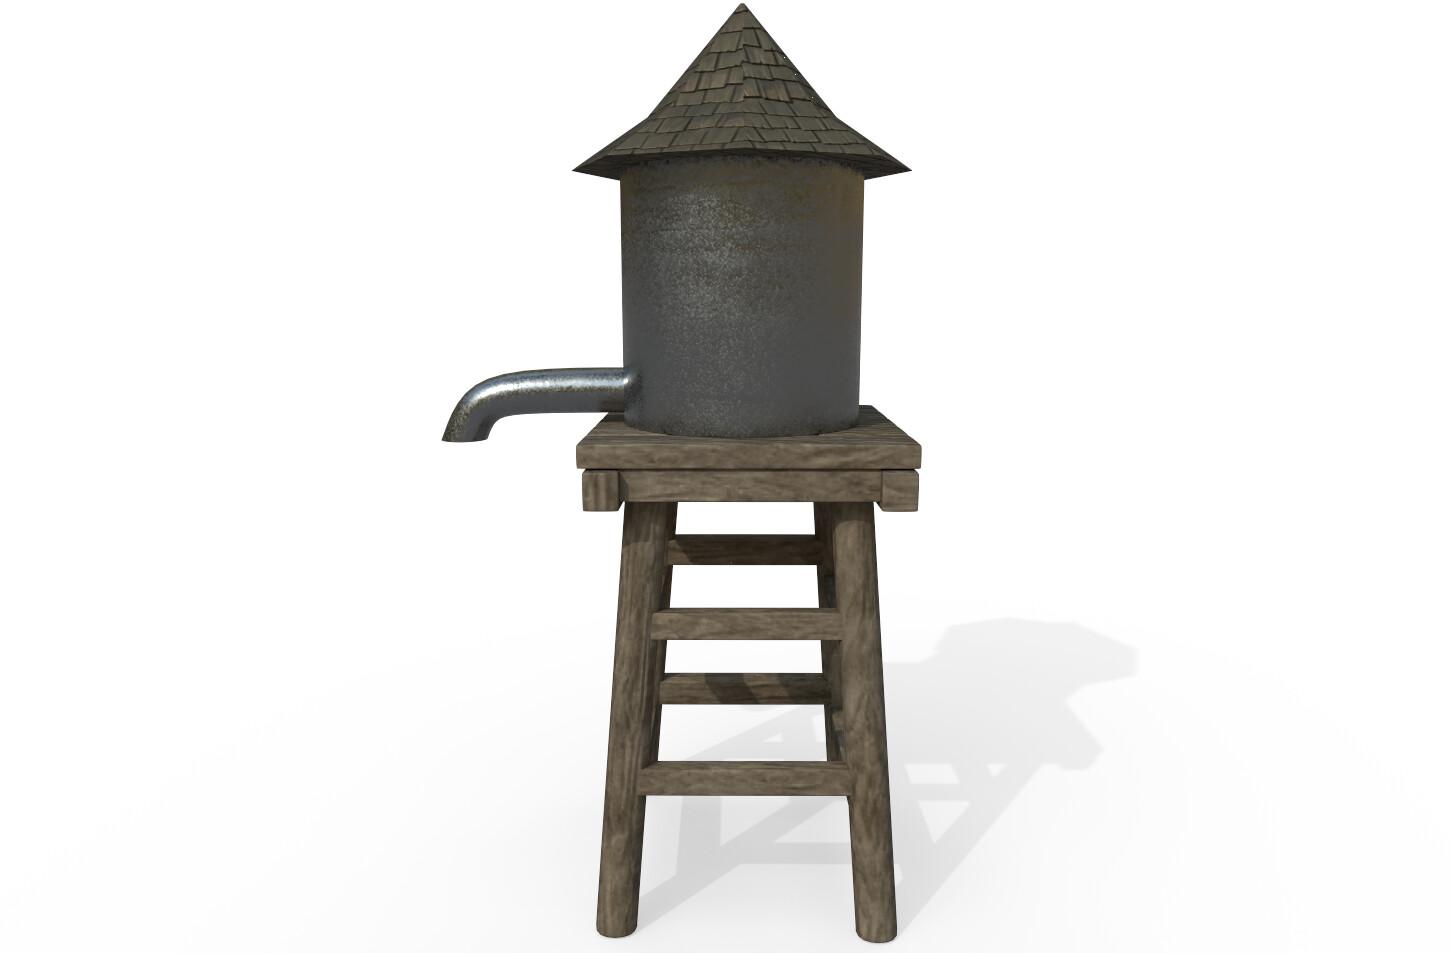 Joseph moniz watertower001b